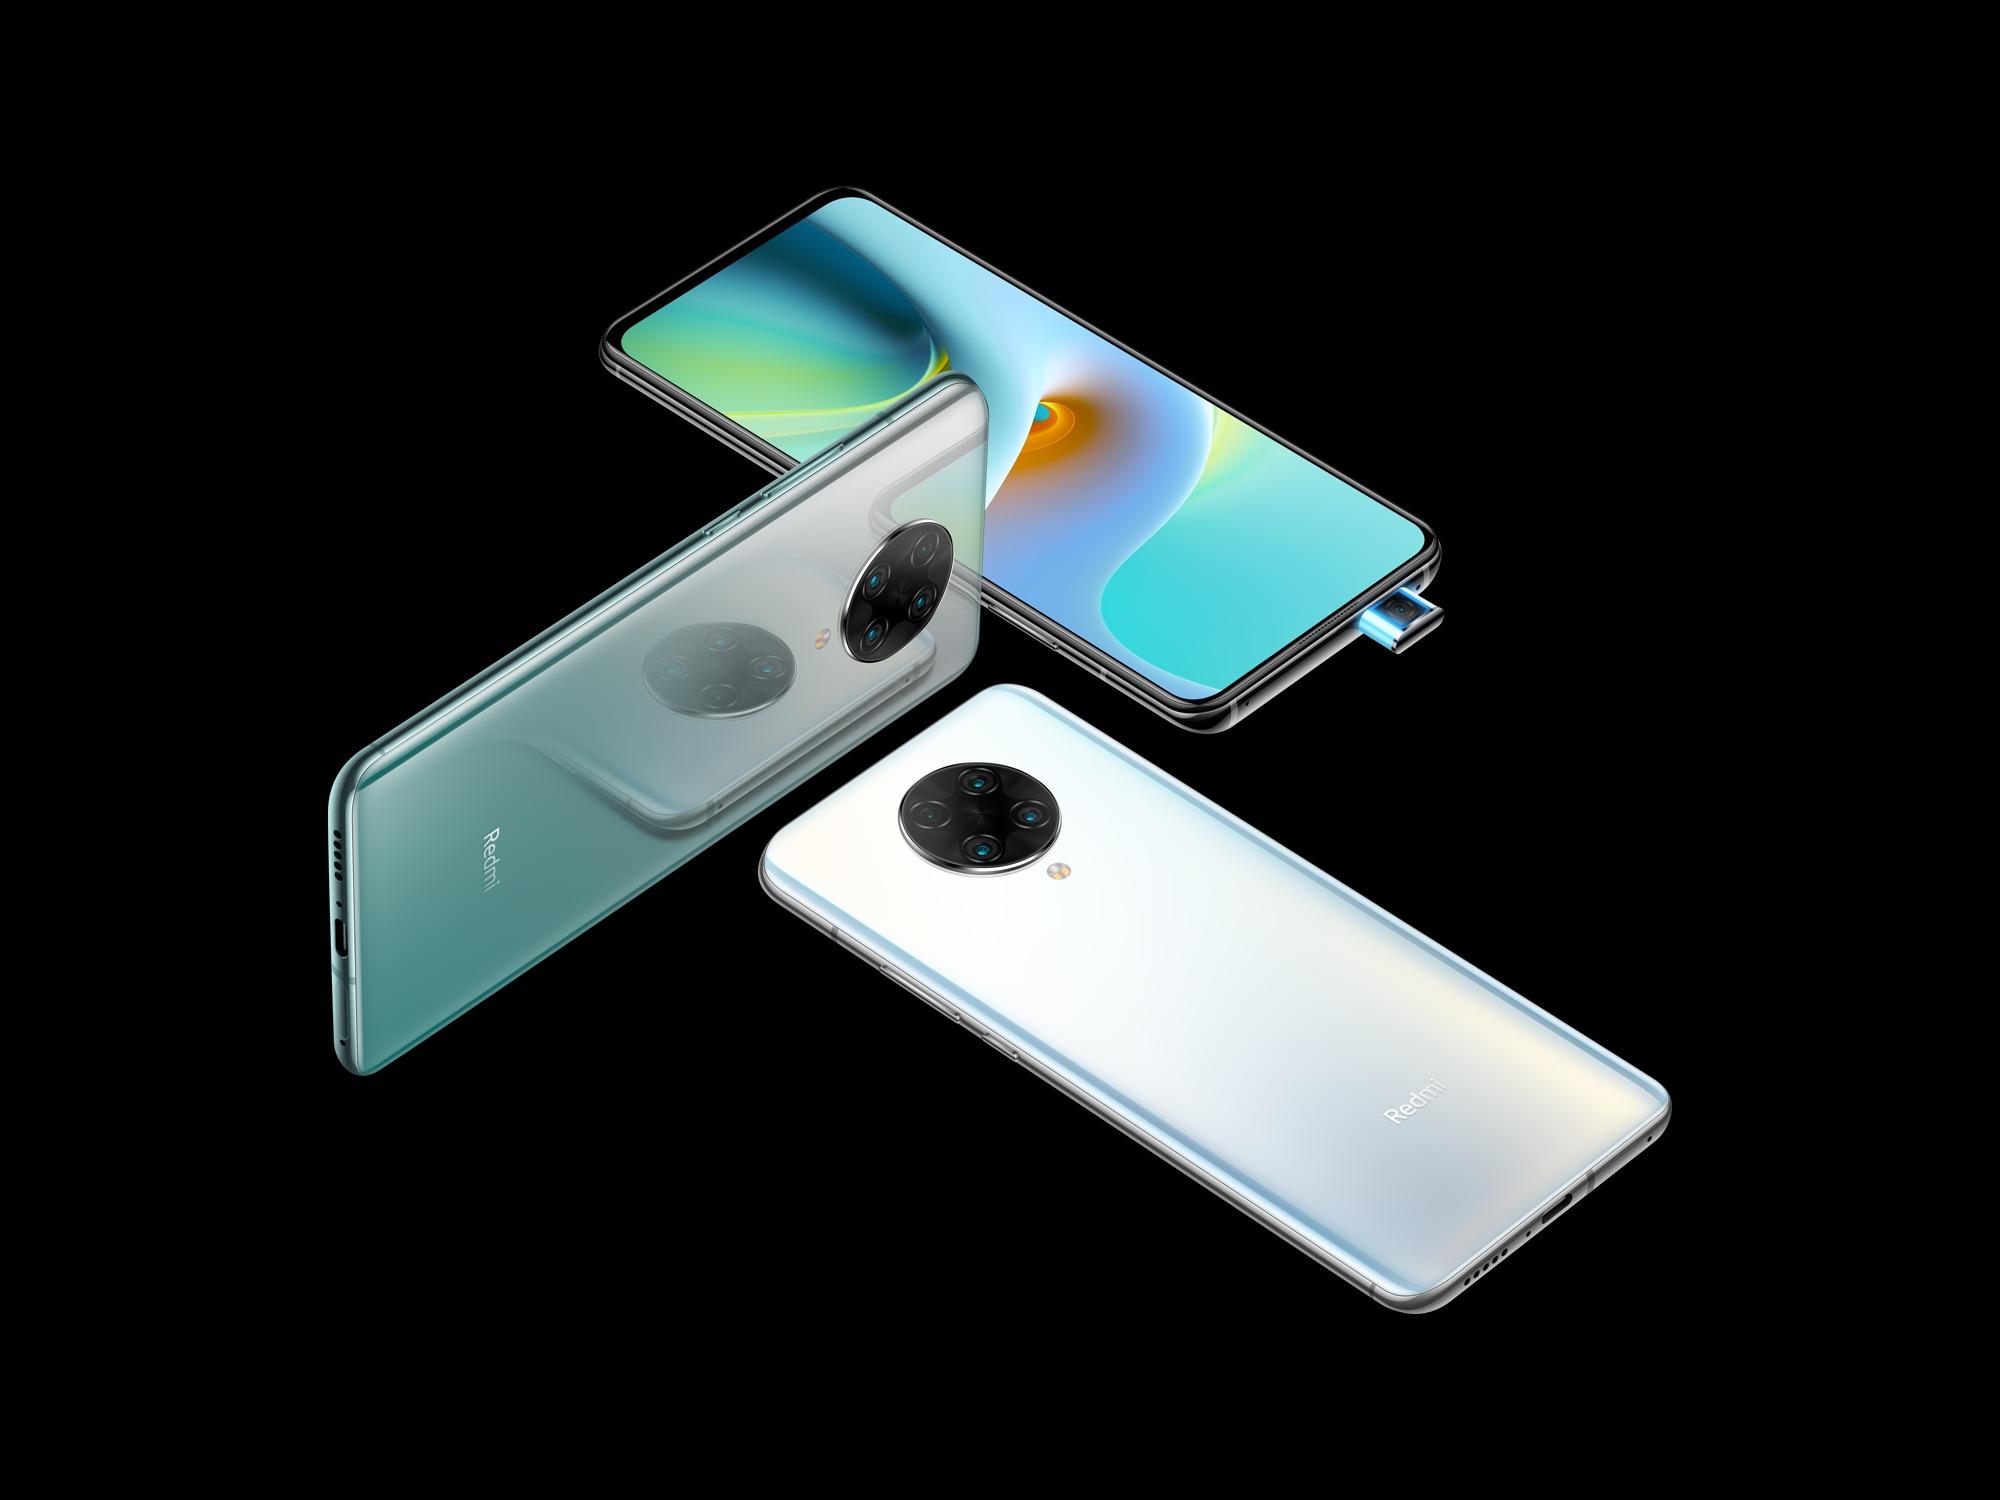 Xiaomi Redmi K30 Ultra - ma ekran AMOLED 120 Hz, modem 5G i wycenili go na śmieszne pieniądze